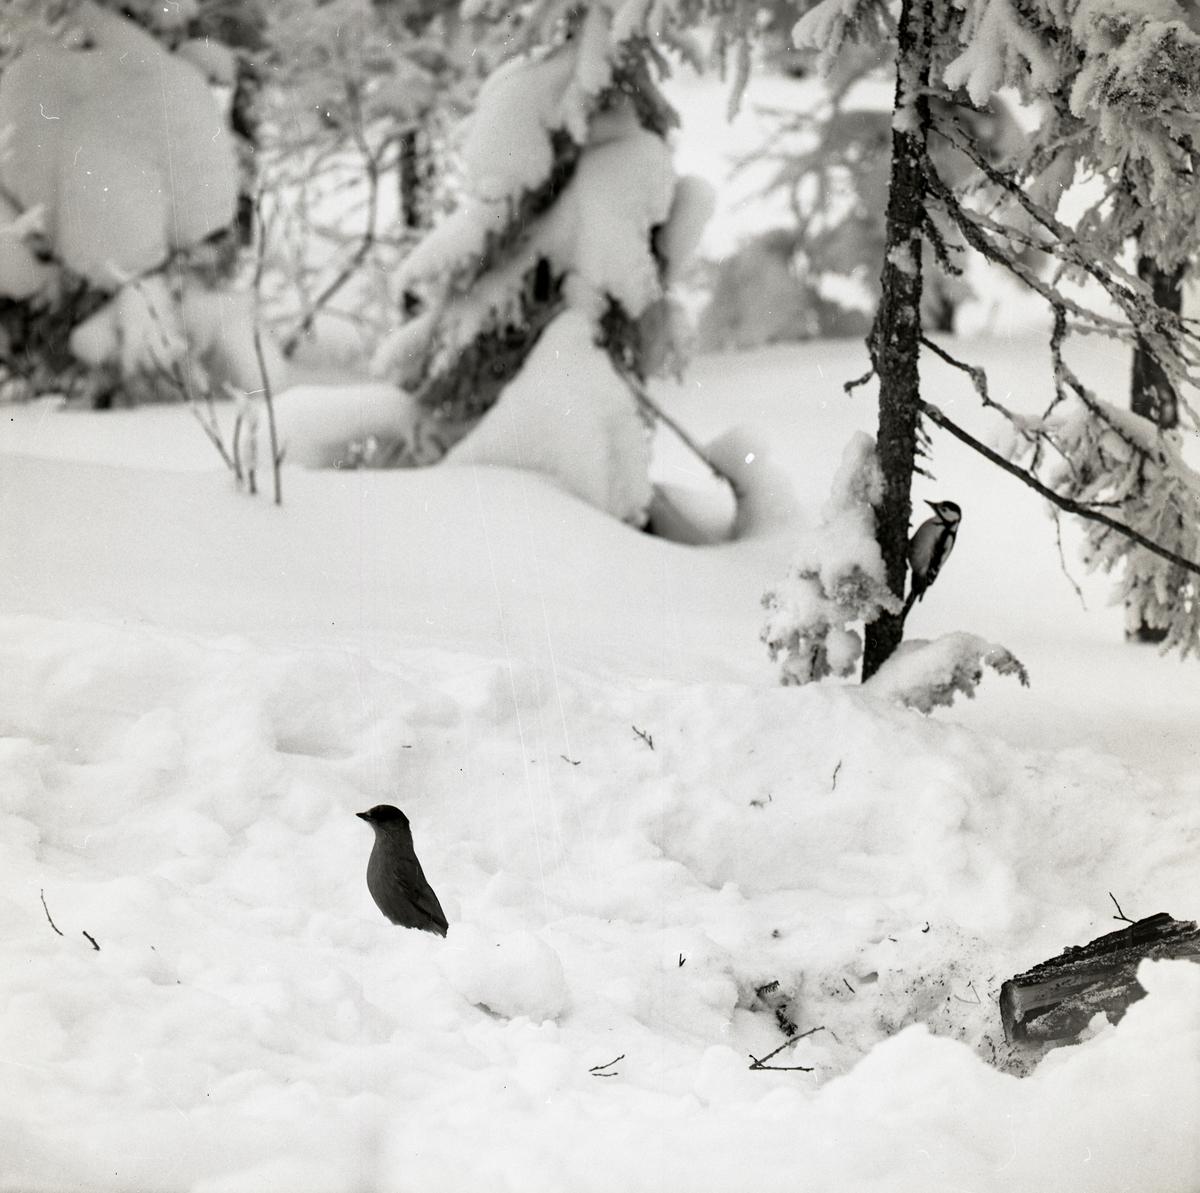 En lavskrika i snön och en större hackspett på ett träd vid Hälsen den 24 februari 1970.